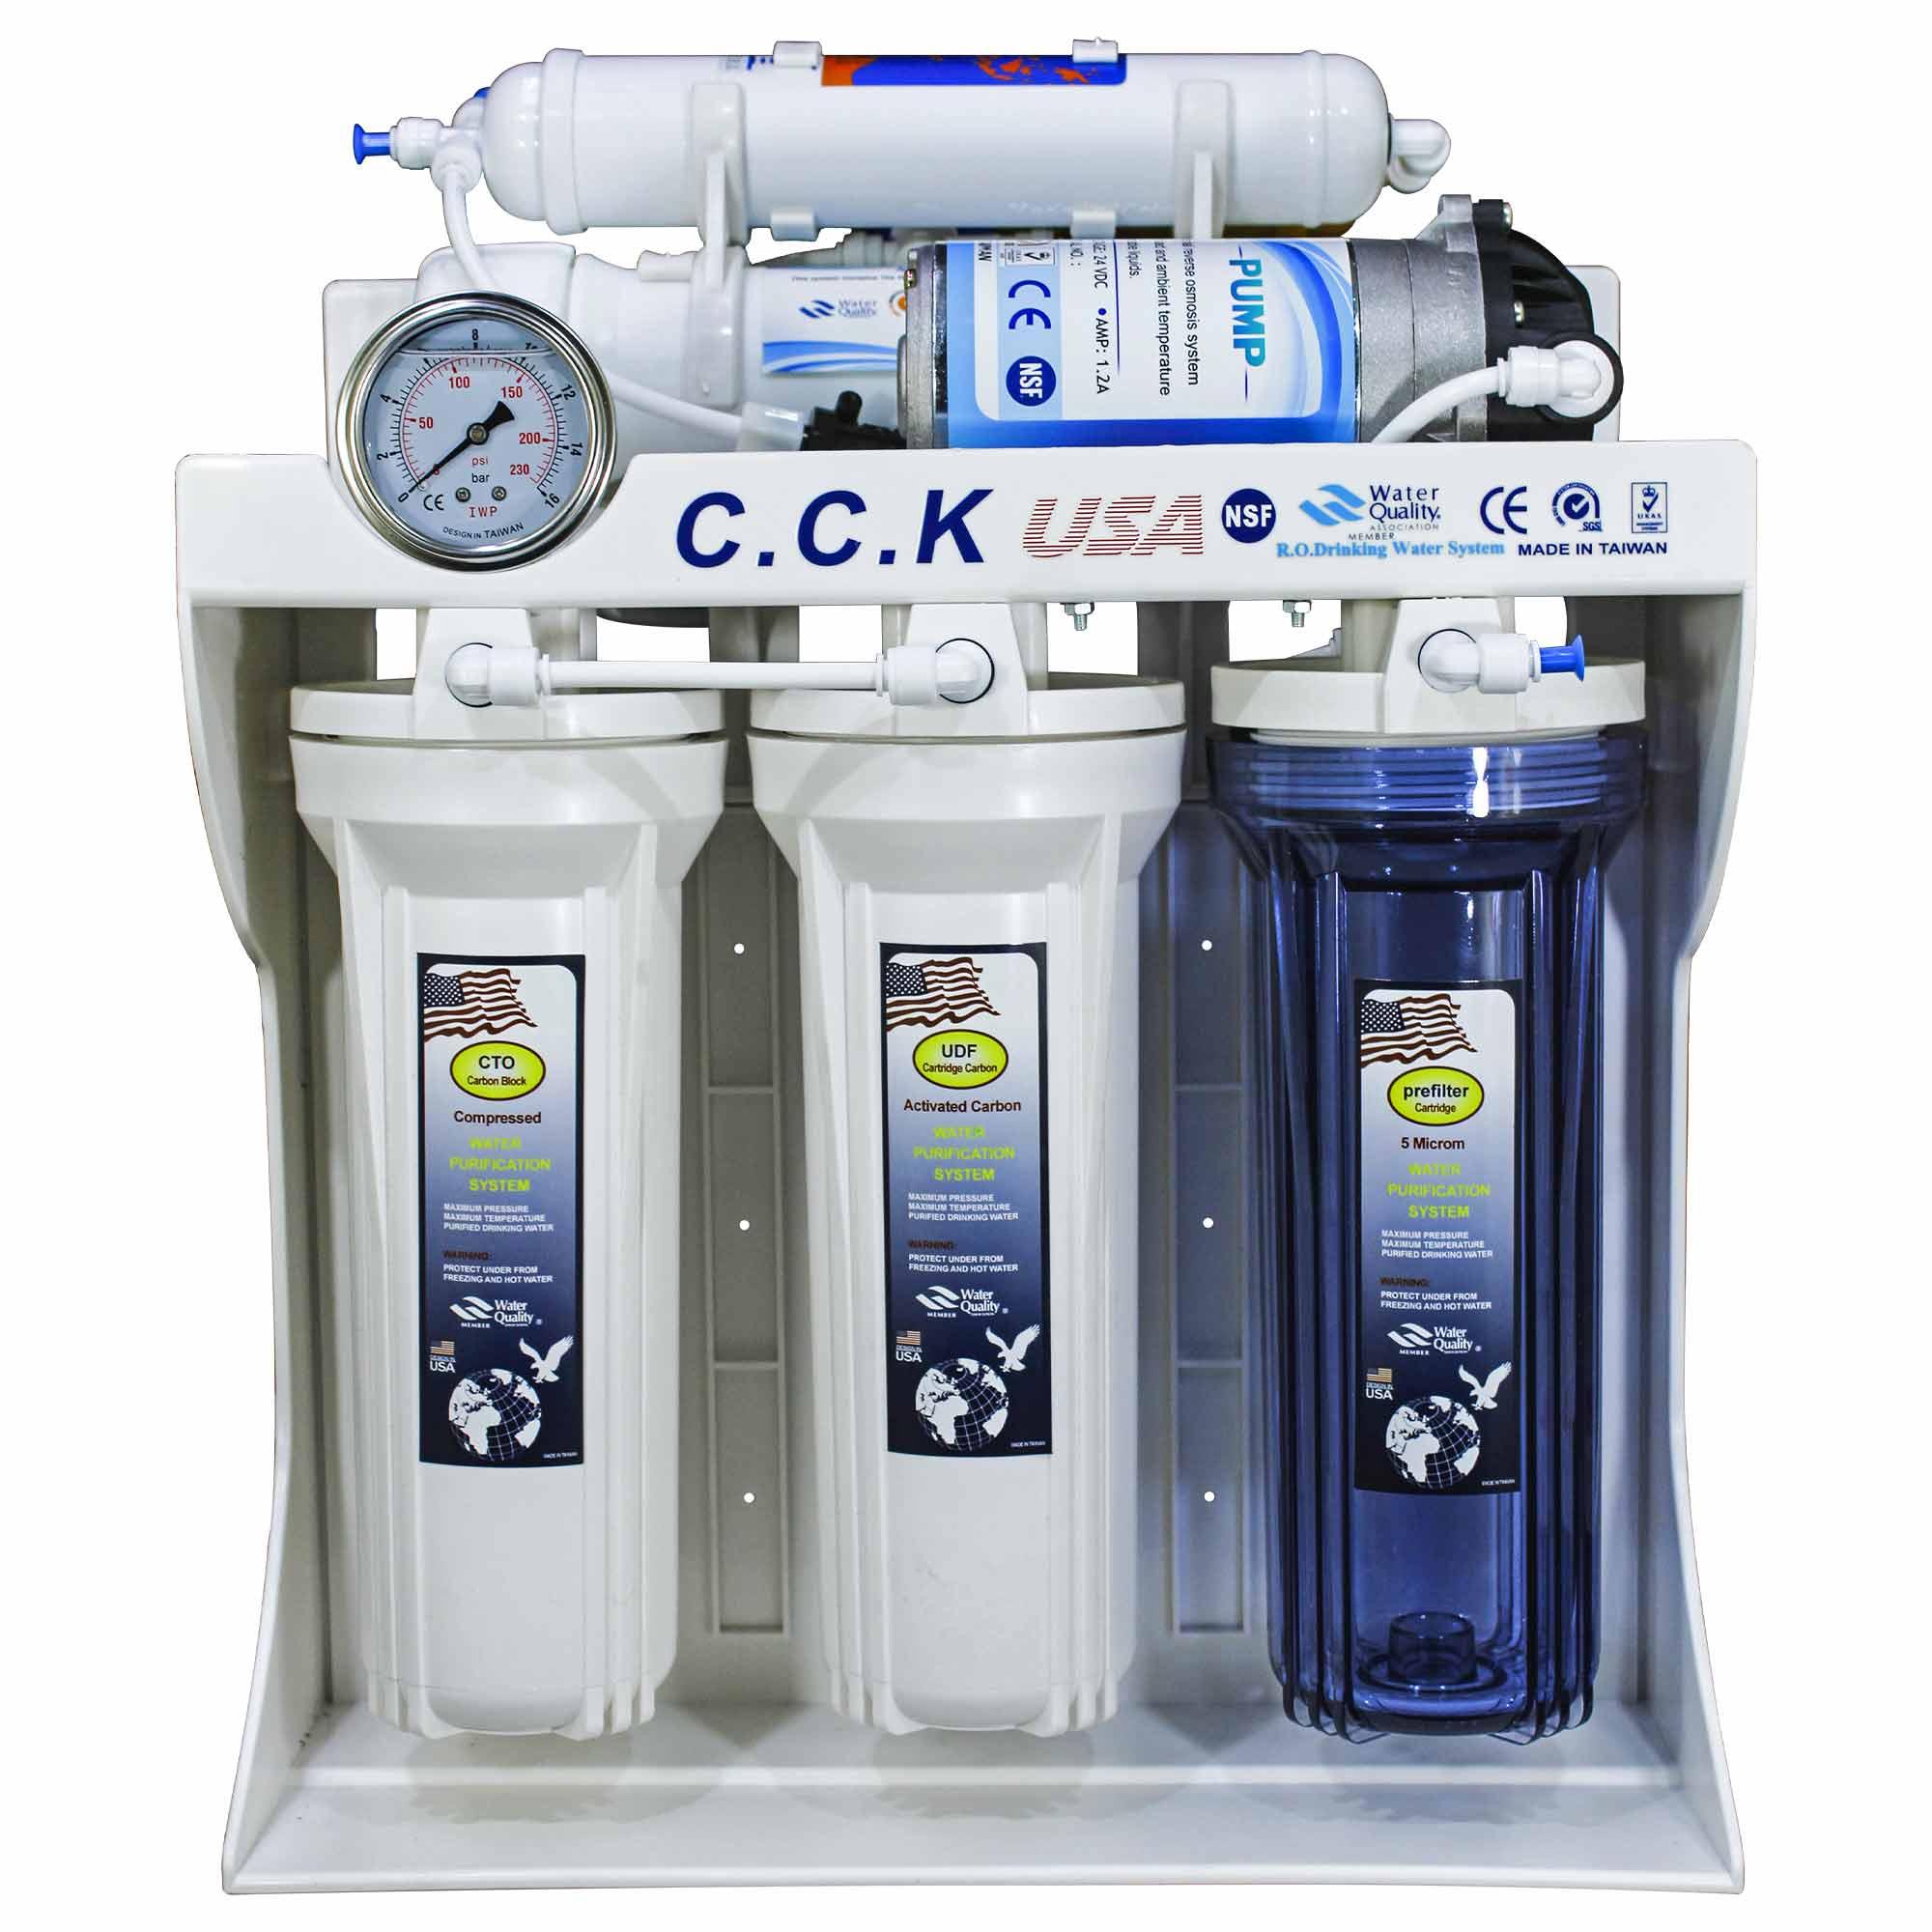 دستگاه تصفیه کننده آب سی سی کا مدل RO-W620